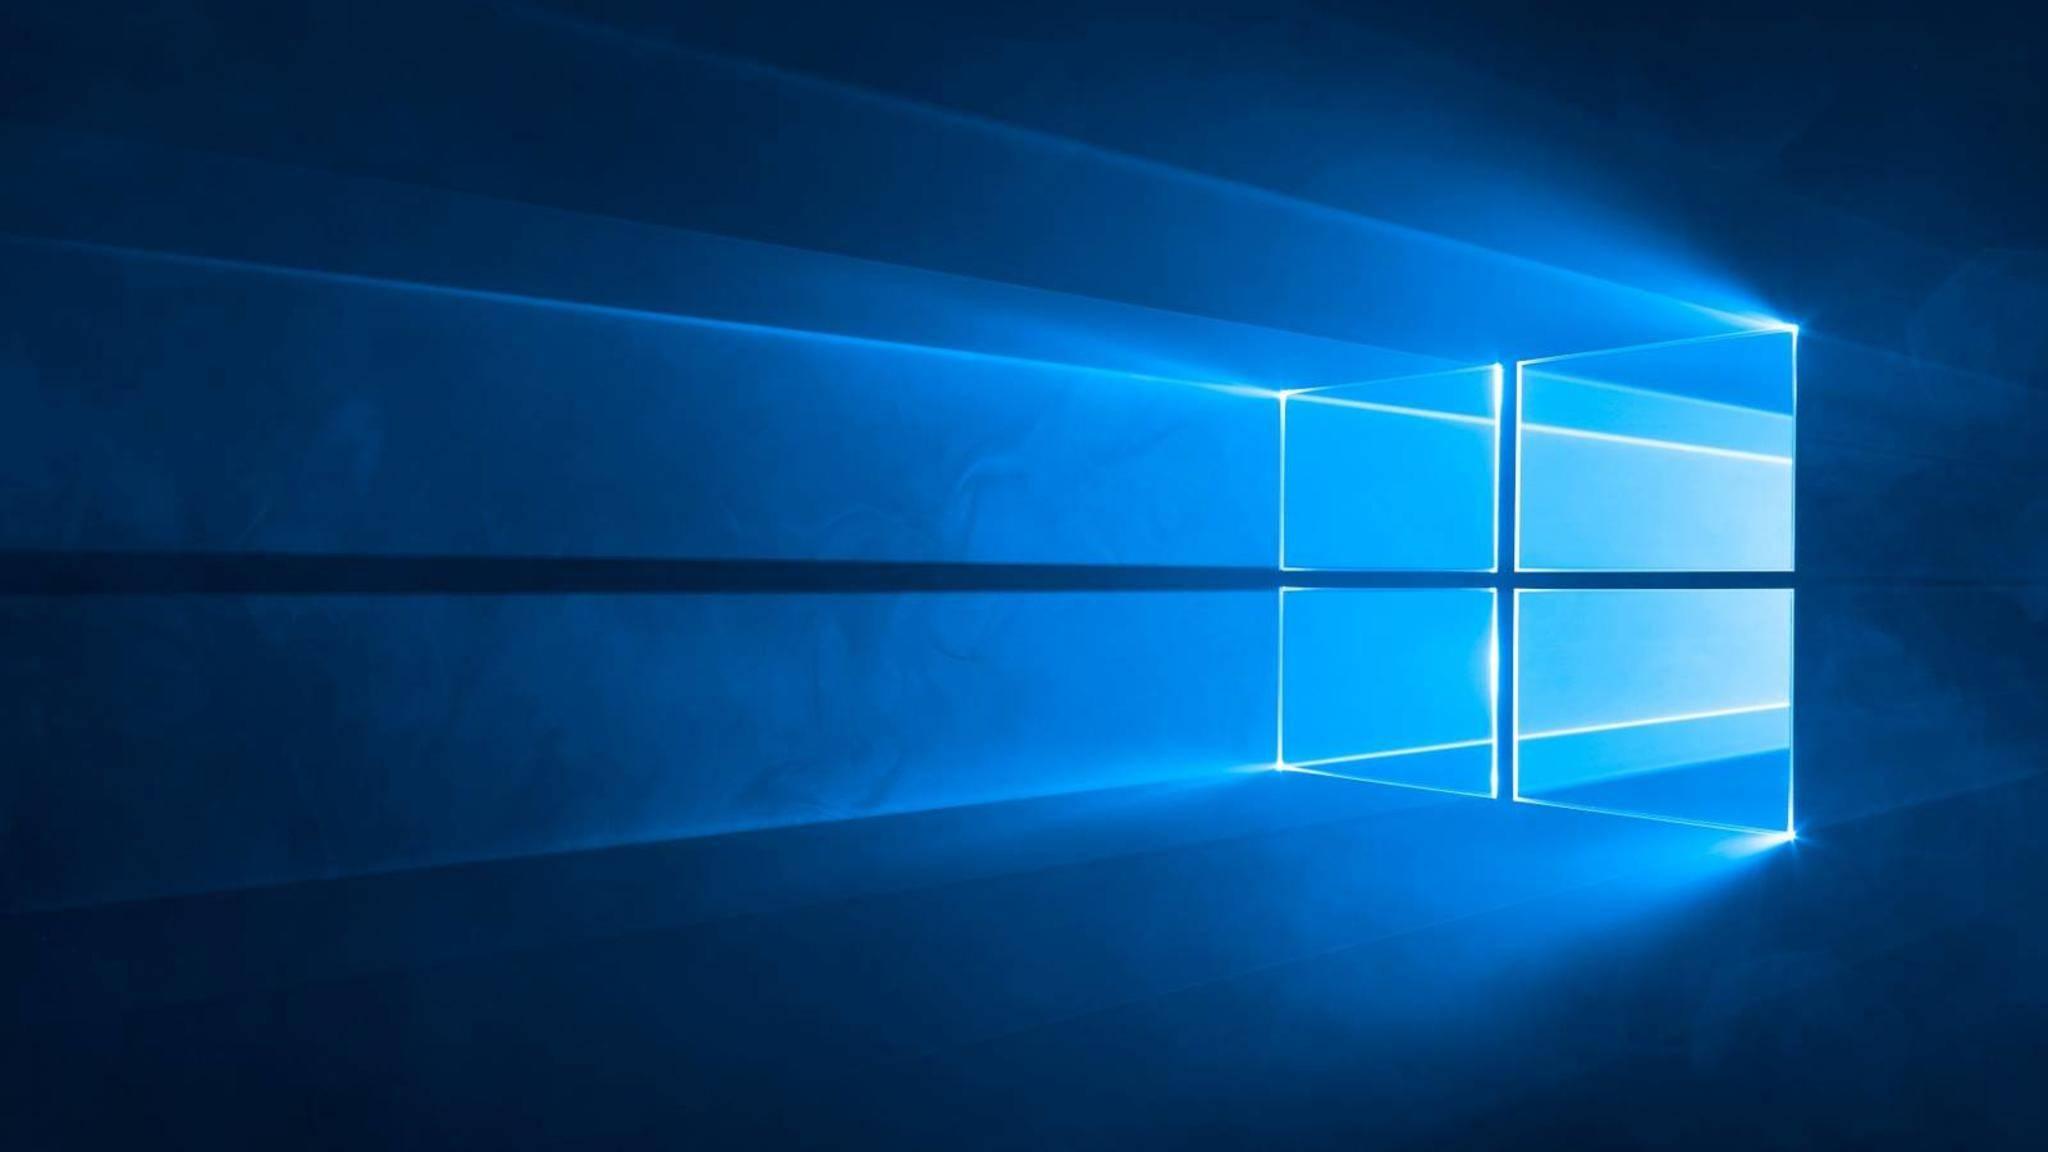 Das kostenlose Windows 10-Update hat für Microsoft ein rechtliches Nachspiel.